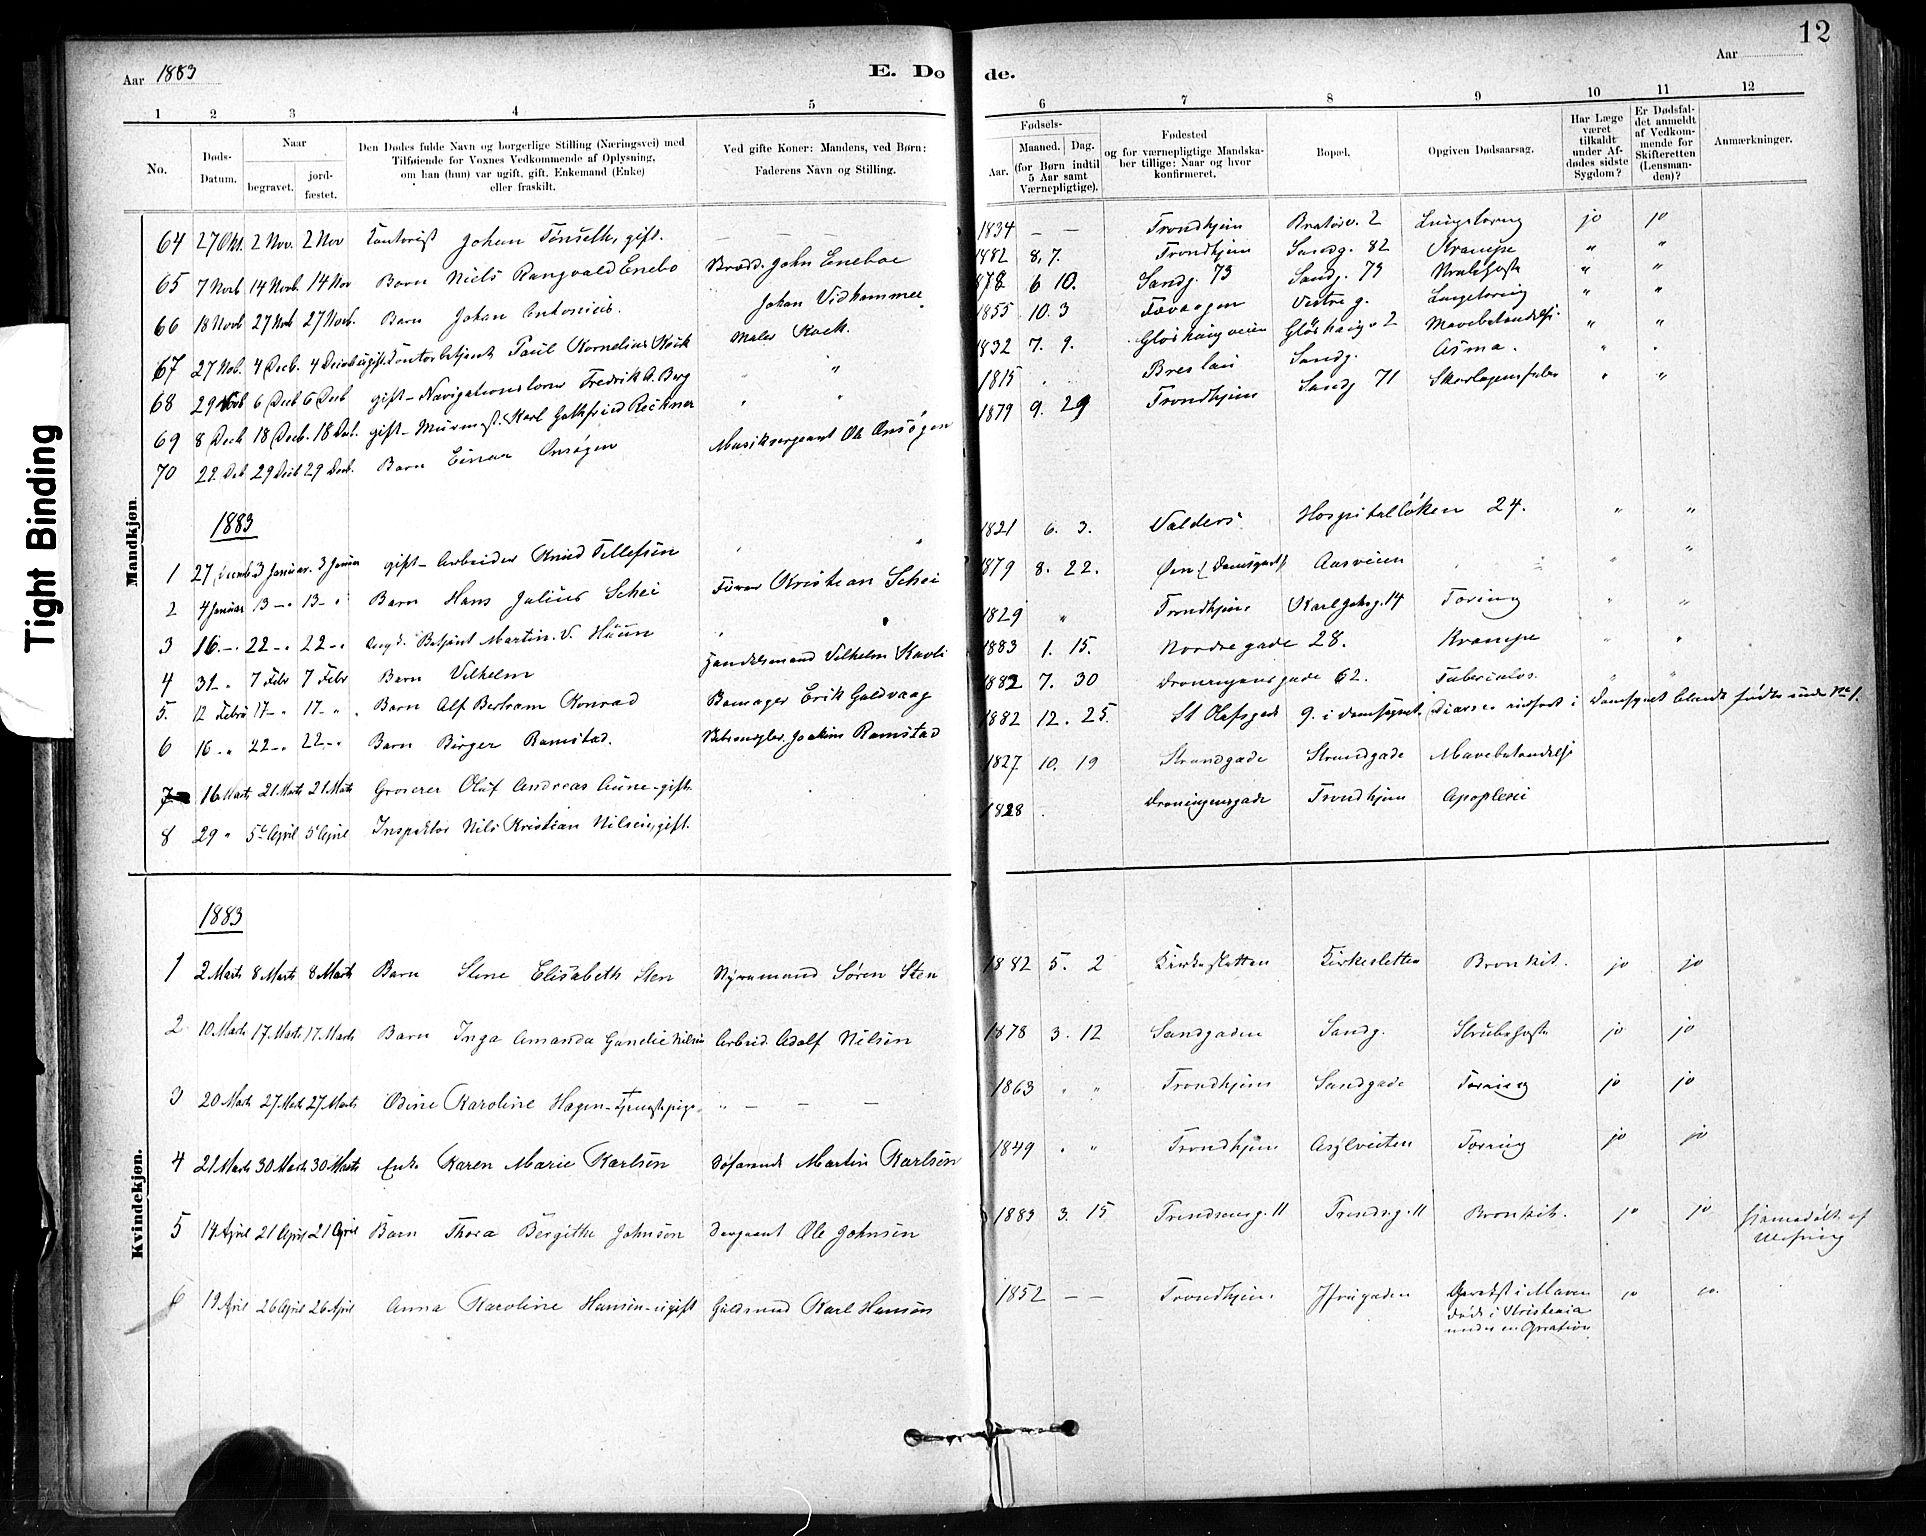 SAT, Ministerialprotokoller, klokkerbøker og fødselsregistre - Sør-Trøndelag, 602/L0120: Ministerialbok nr. 602A18, 1880-1913, s. 12